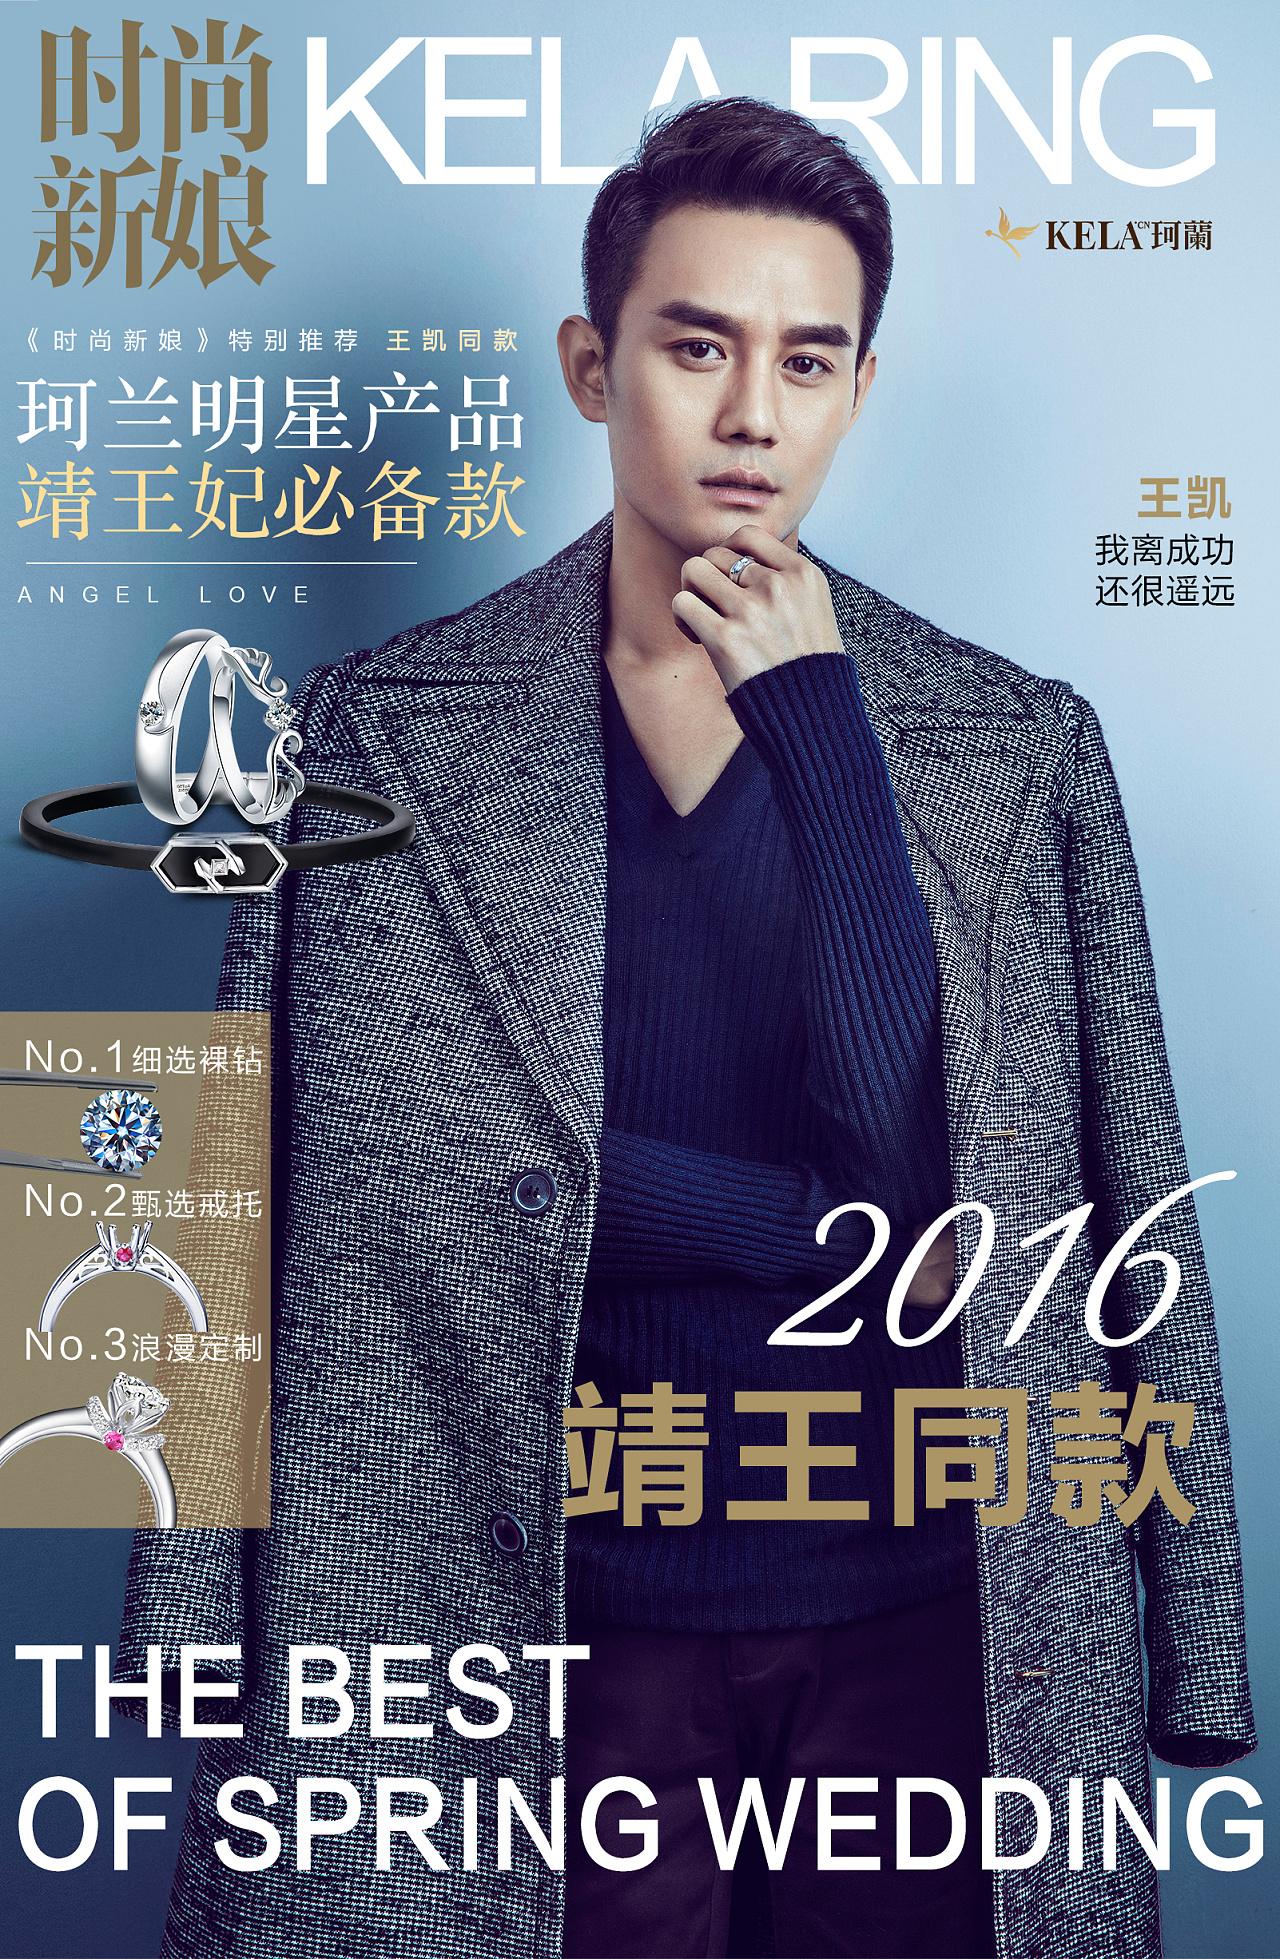 王凯产品宣传,杂志封面